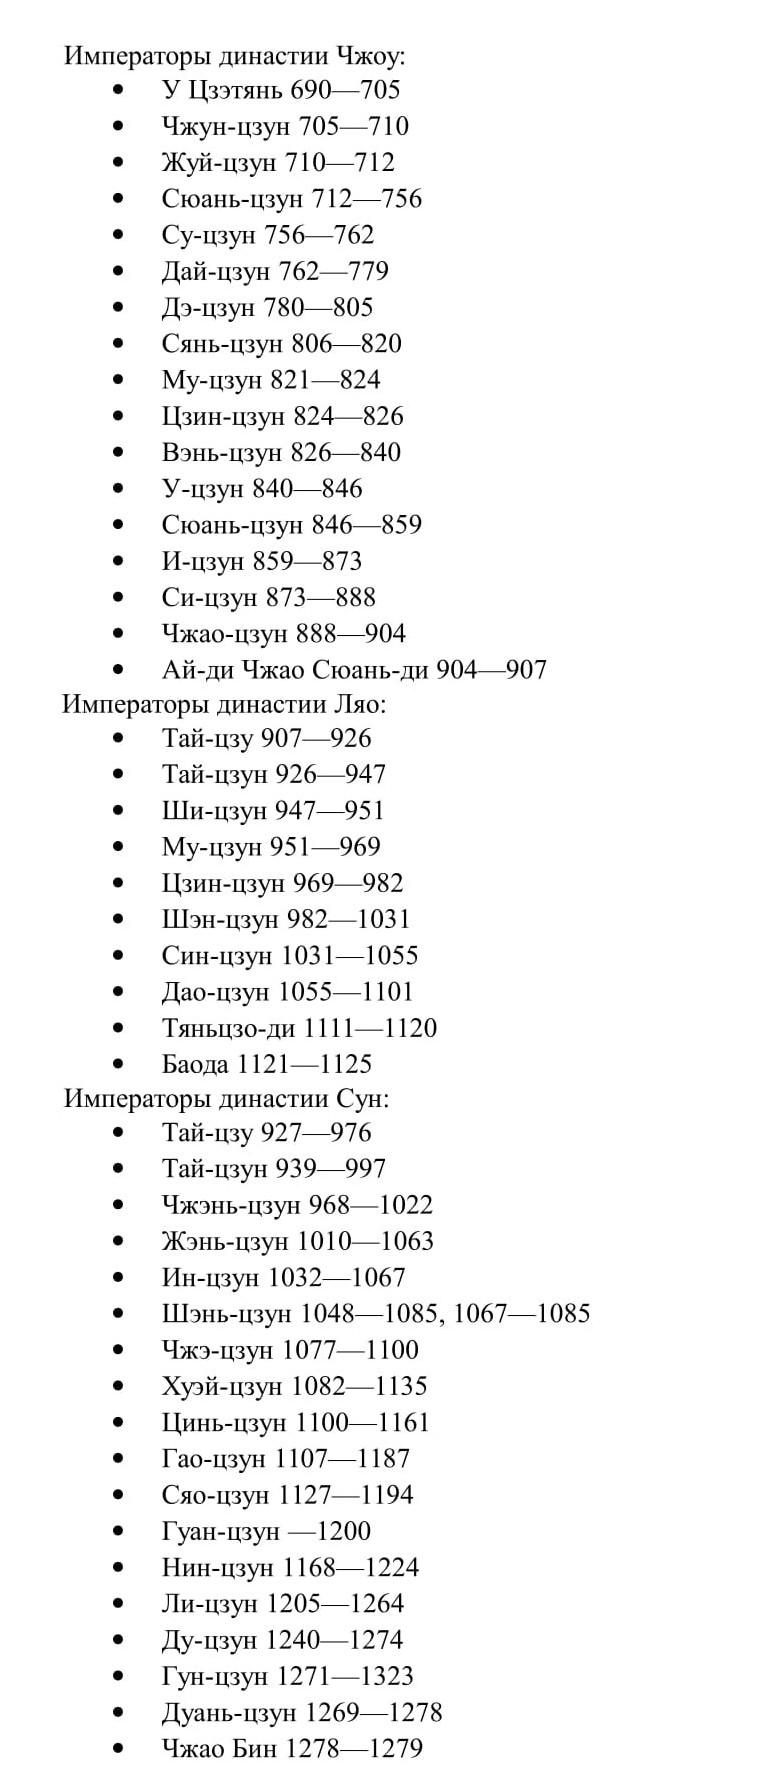 список императоров